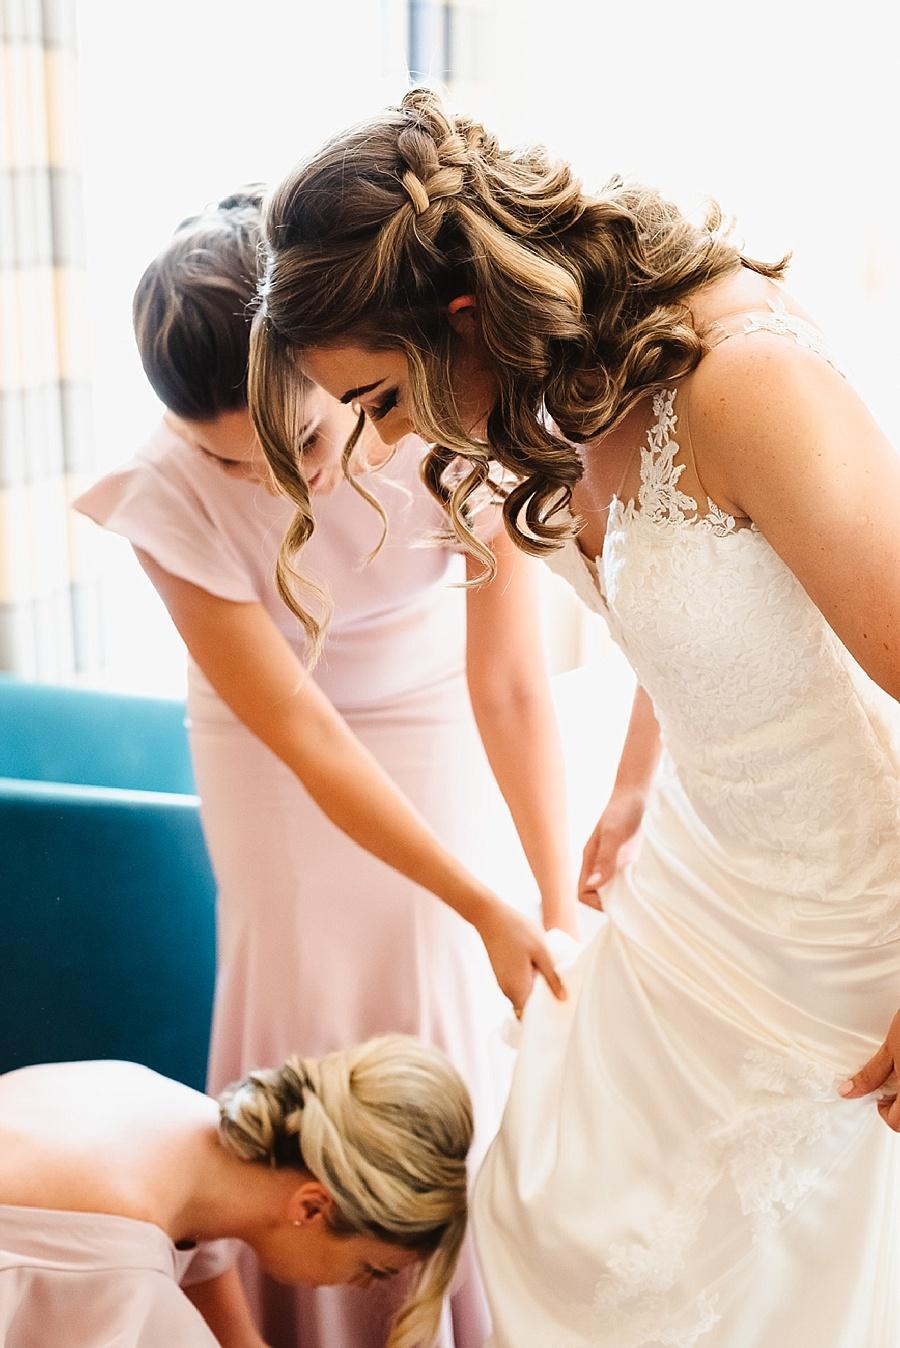 La Sposa bride getting ready